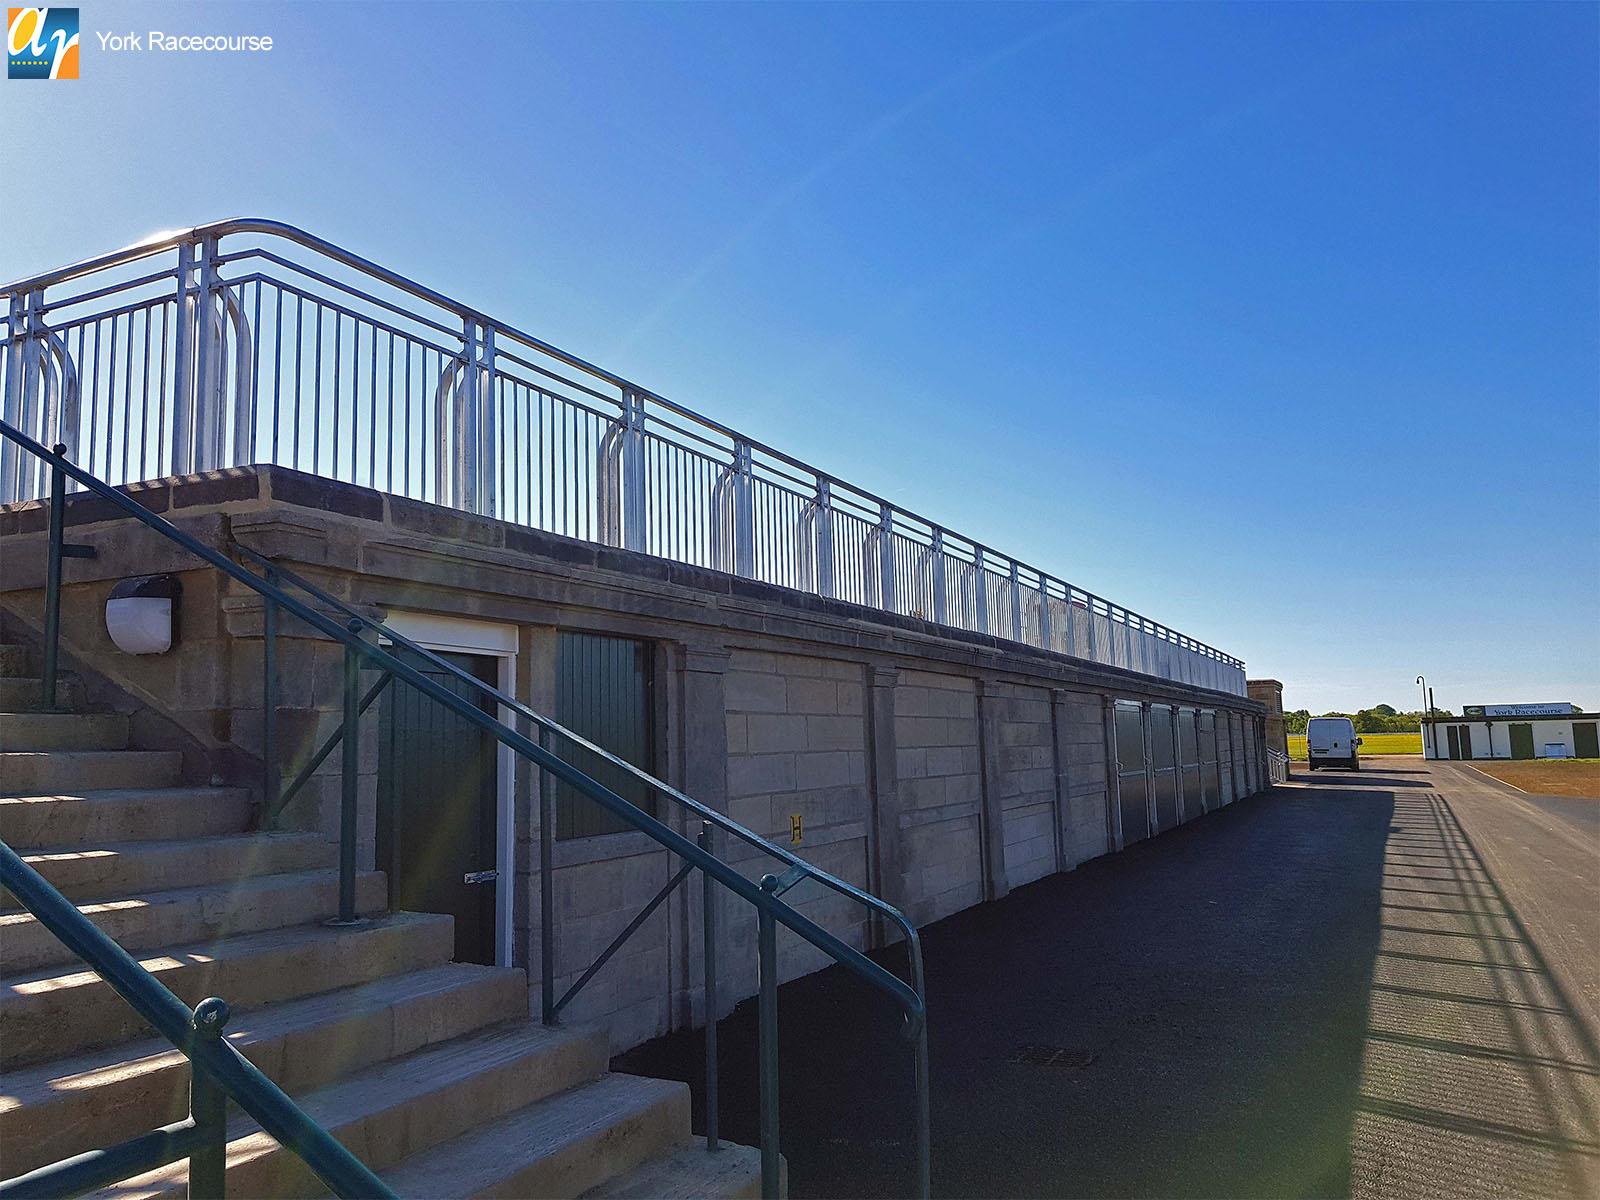 York Racecource bespoke metal balustrade